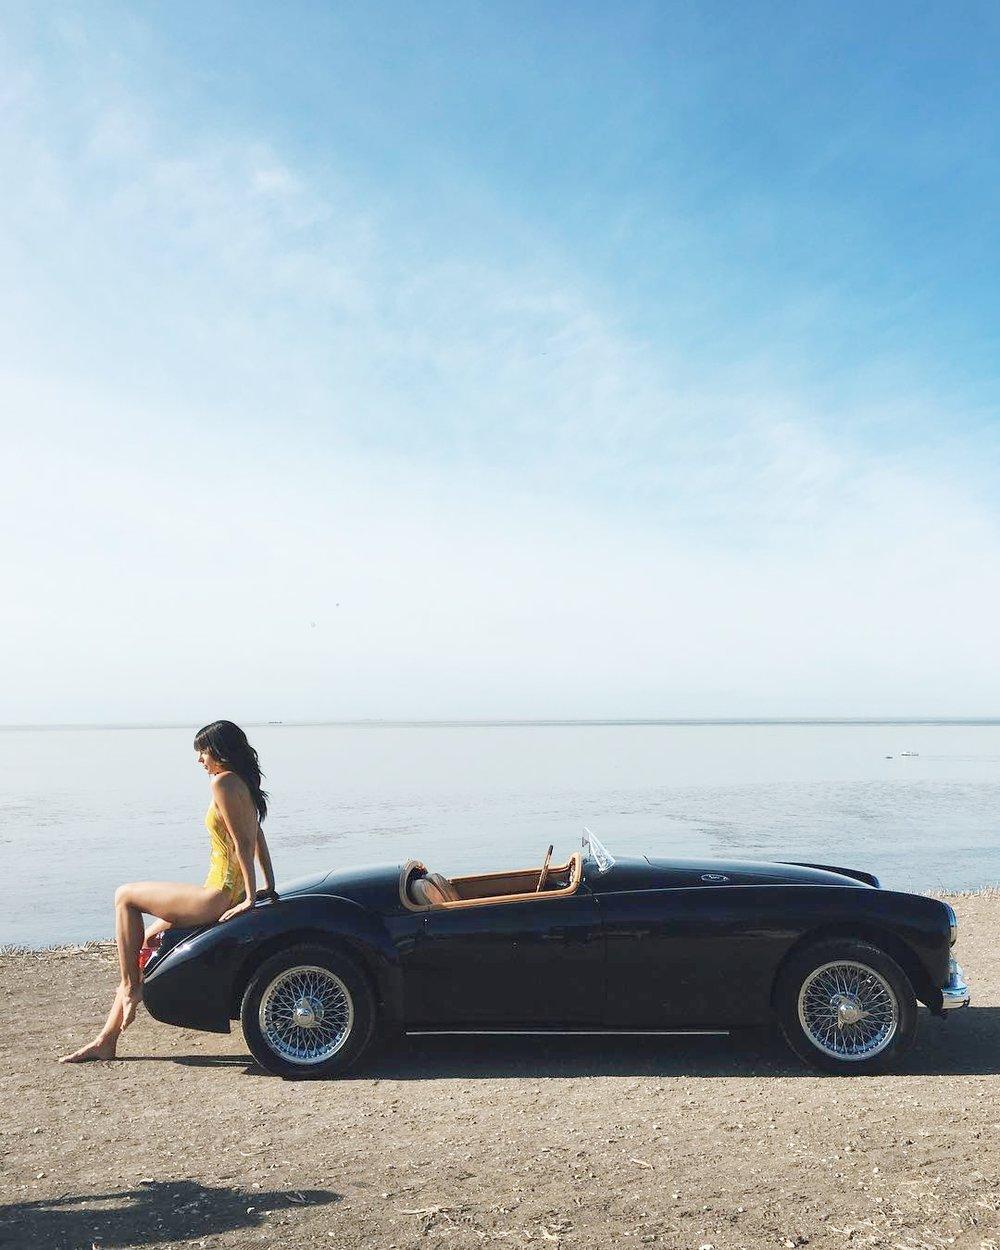 Vinty-classic-car-rental-Los-Angeles.jpg